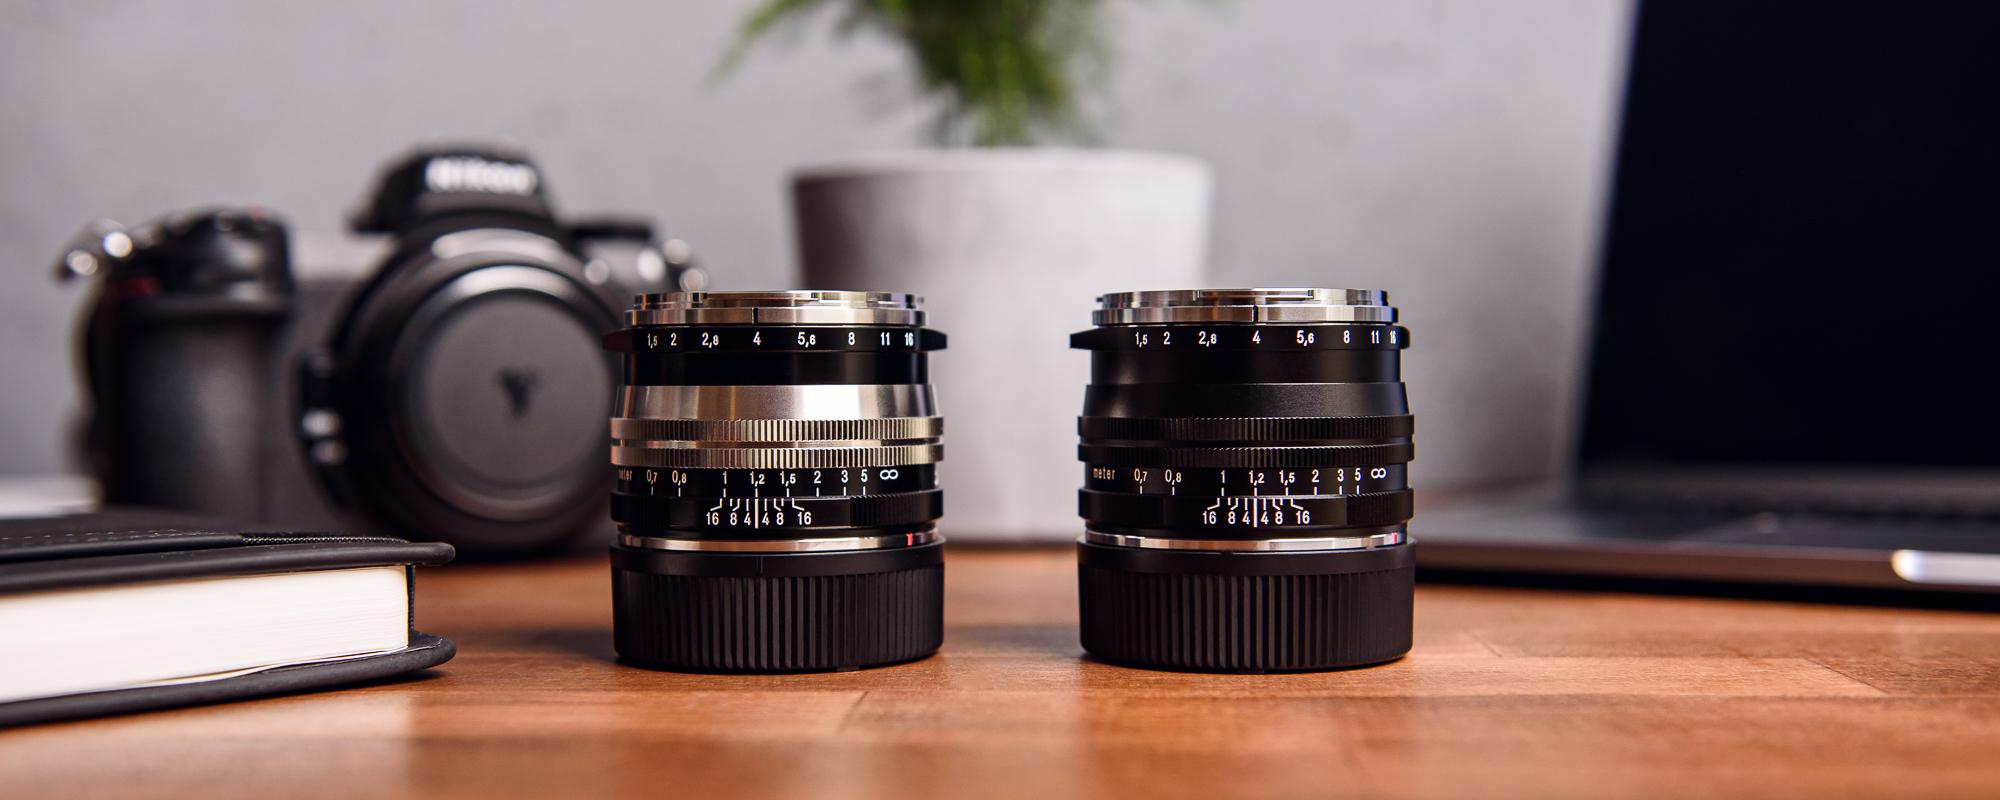 Obiektyw Voigtlander Nokton II 50 mm f/1,5 do Leica M - nikolowy i czarny